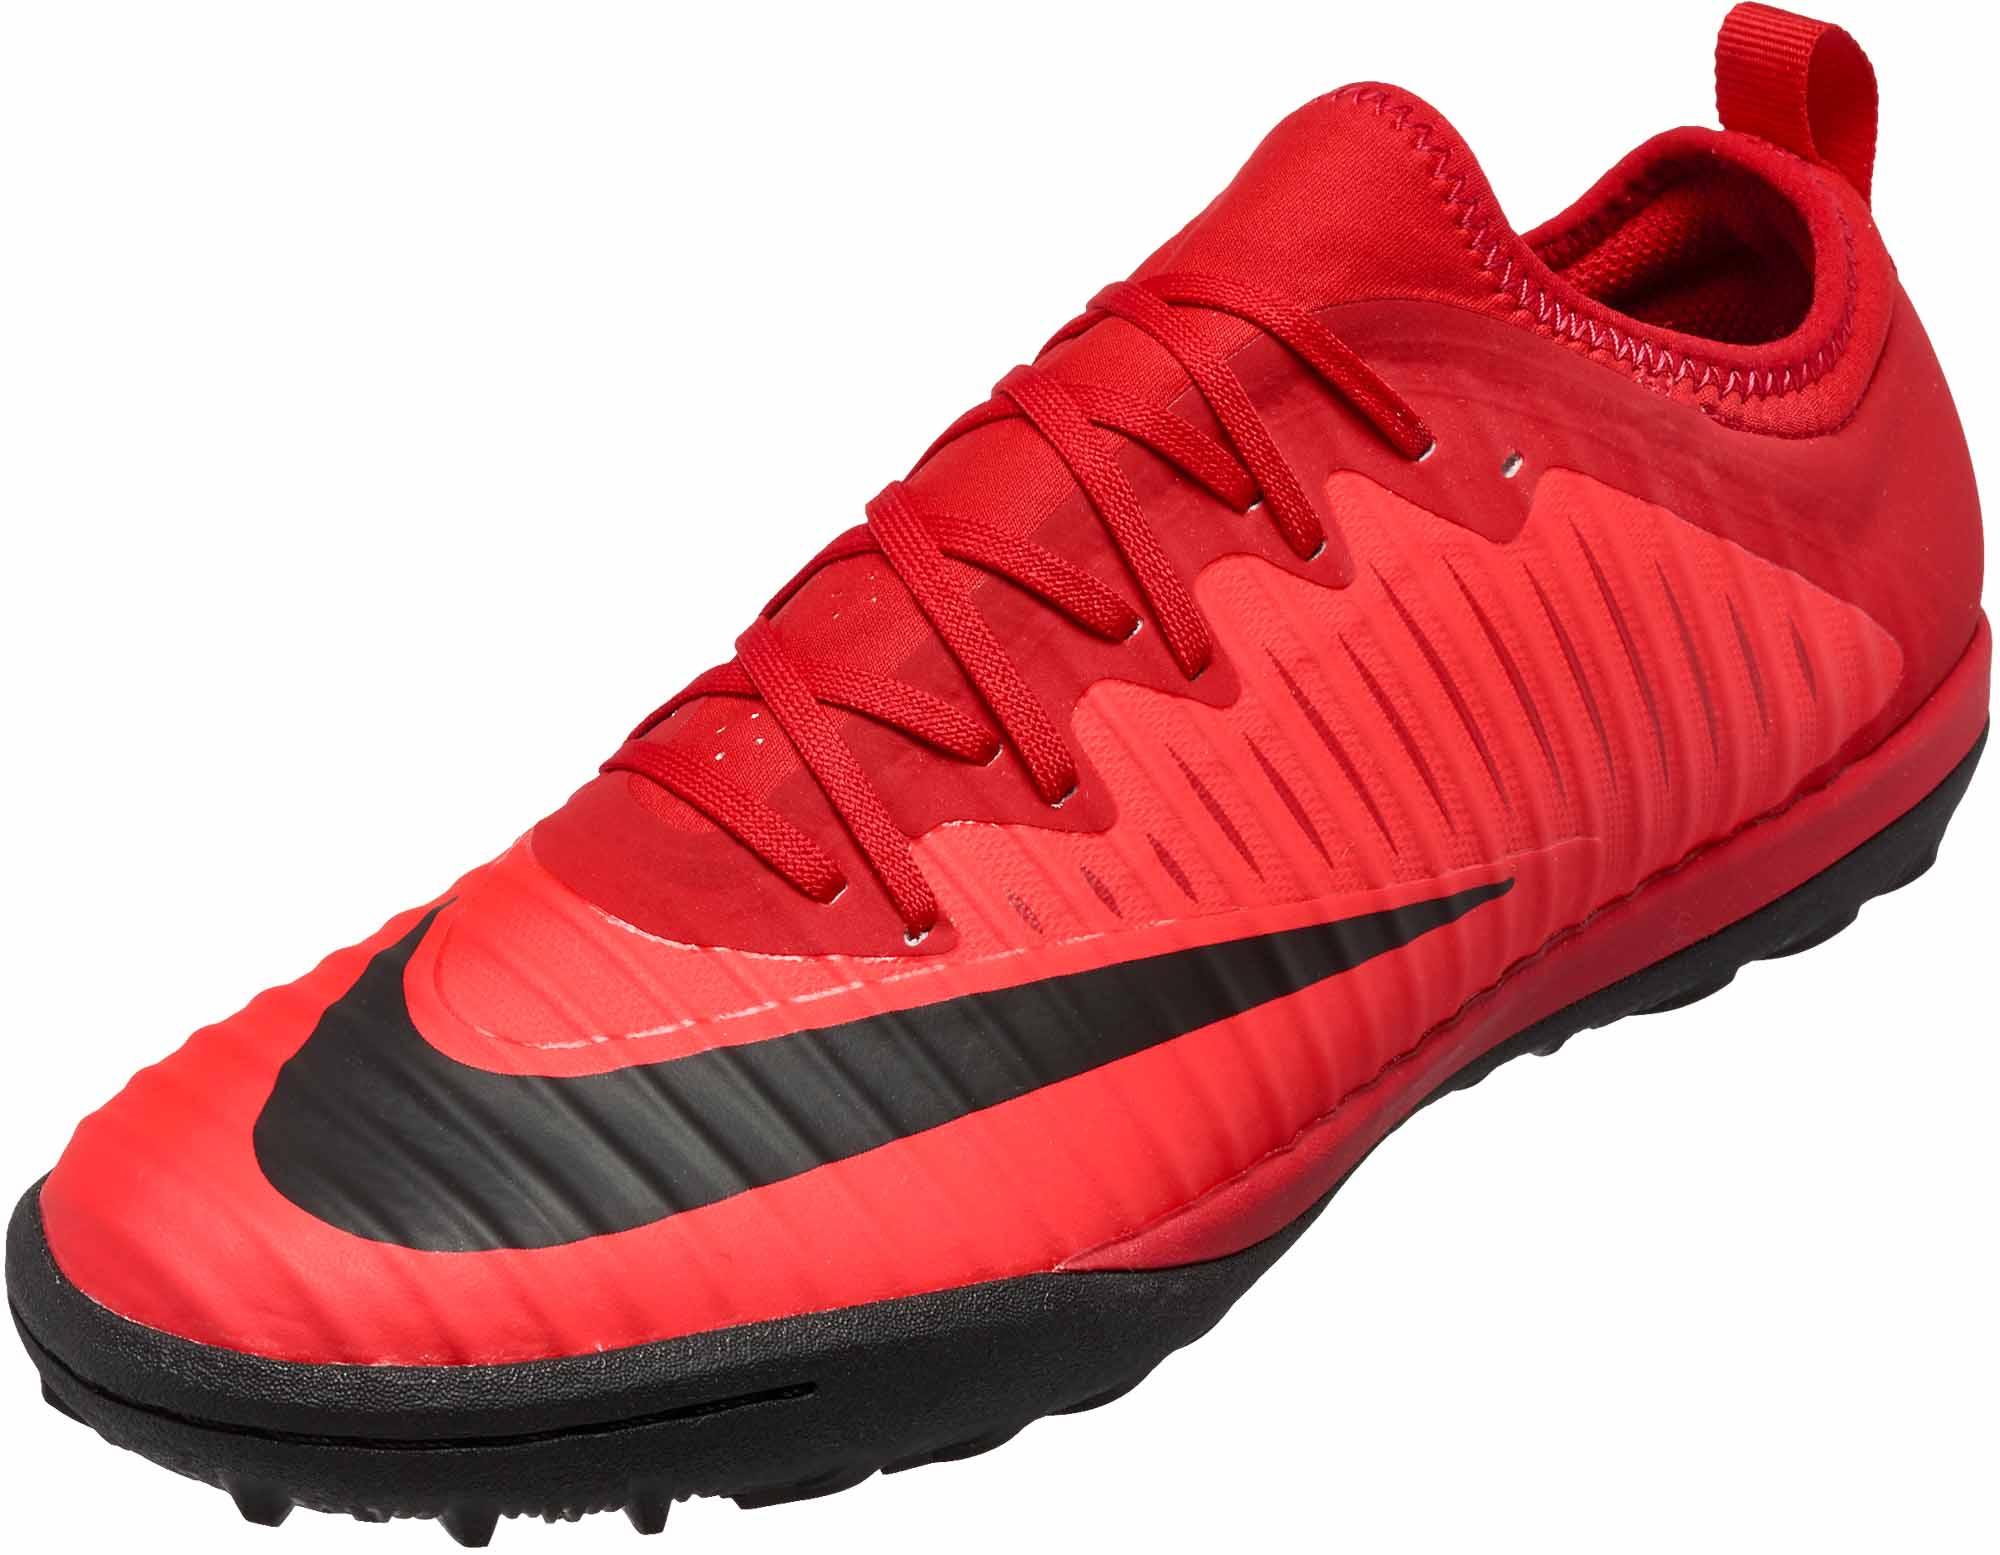 Nike MercurialX Finale II TF University Red & Black